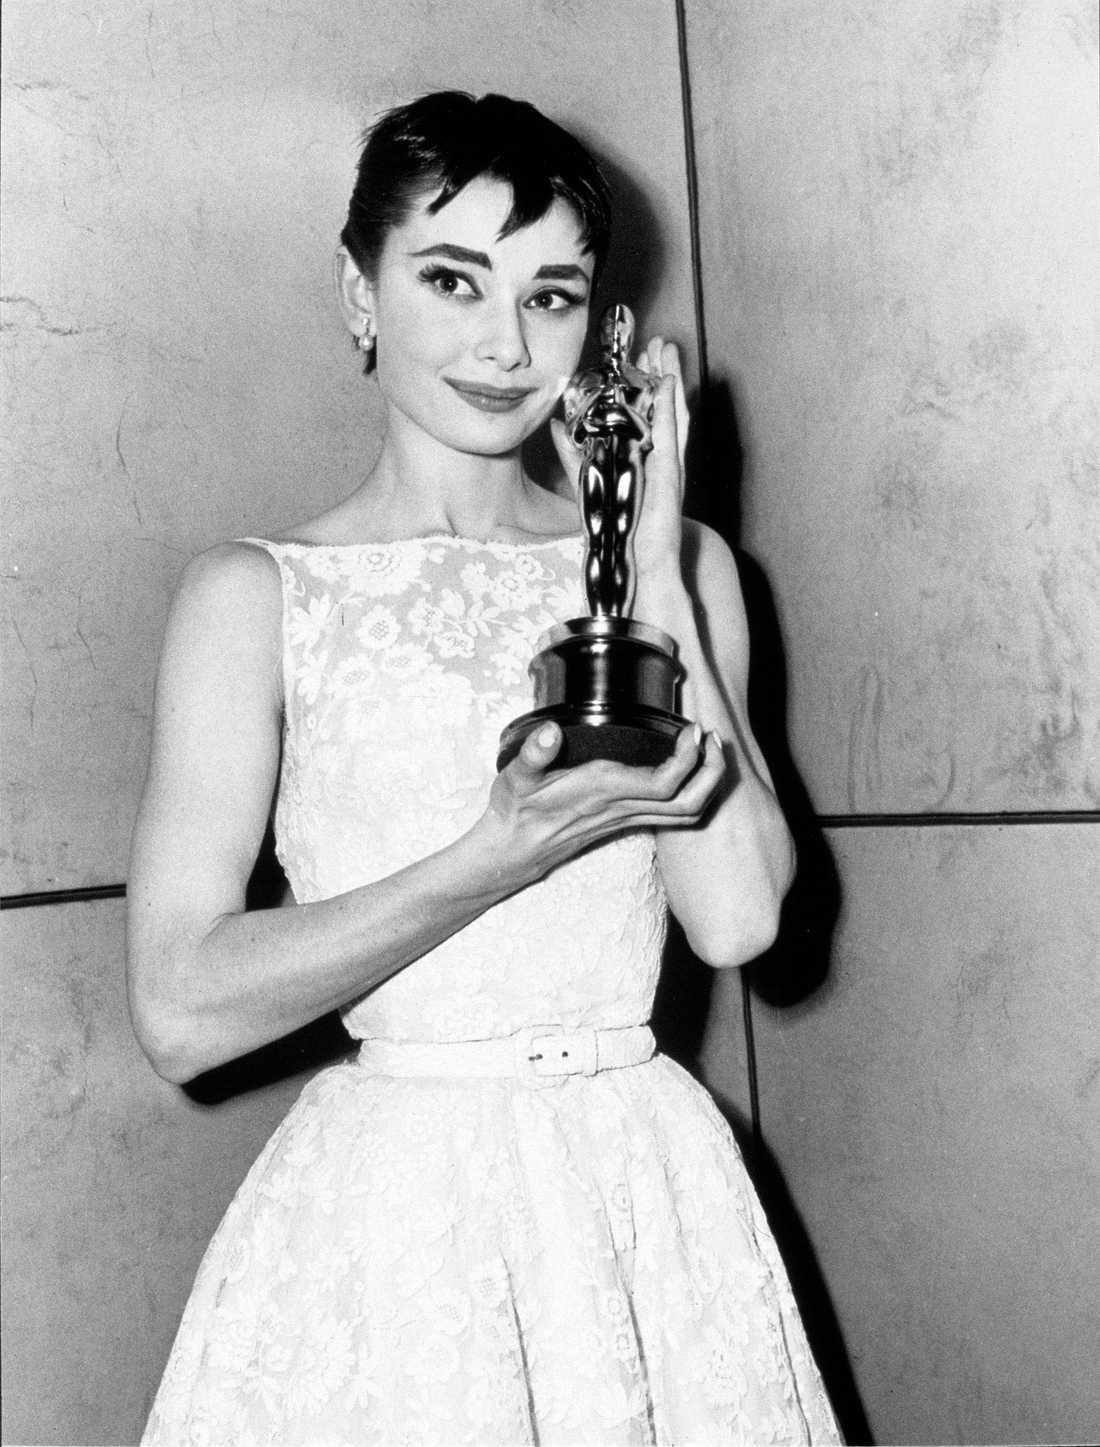 """Audrey Hepburn 1954 """"Inte nog med att världens mest kända och älskade skådespelerskor bär en vit, krispig och delikat klänning från Givenchy. Hon vinner dessutom en Oscar och tar emot statyetten med en kort svincool pixiefrisyr. Därmed har denna look för alltid blivit ansedd som """"the best of all times"""". Jag kan bara hålla med."""""""